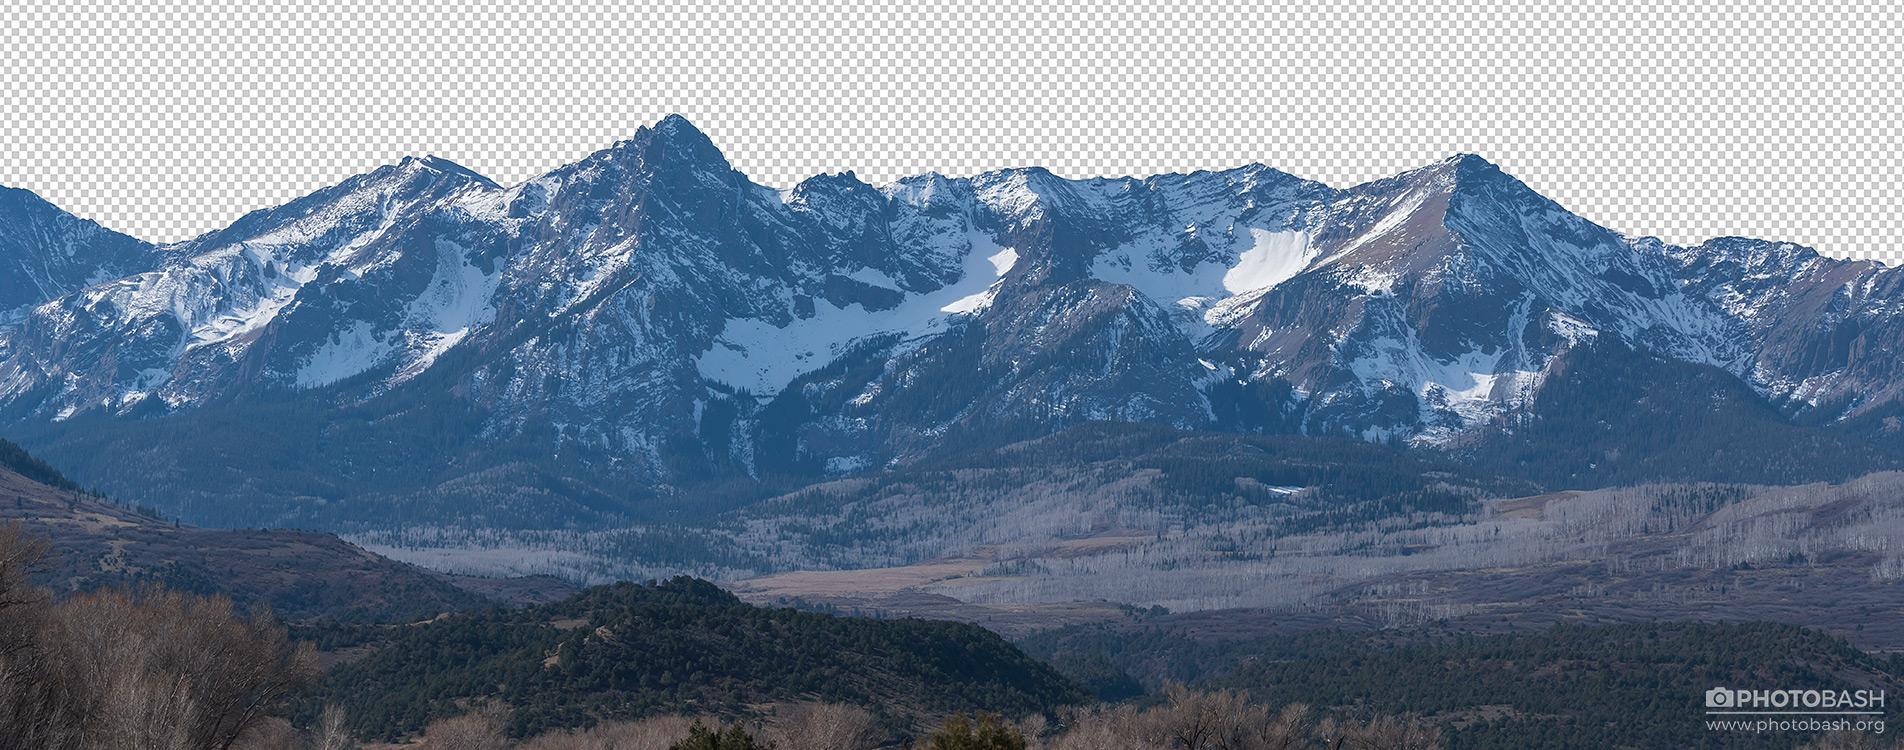 Snowy-Peaks-(93).jpg